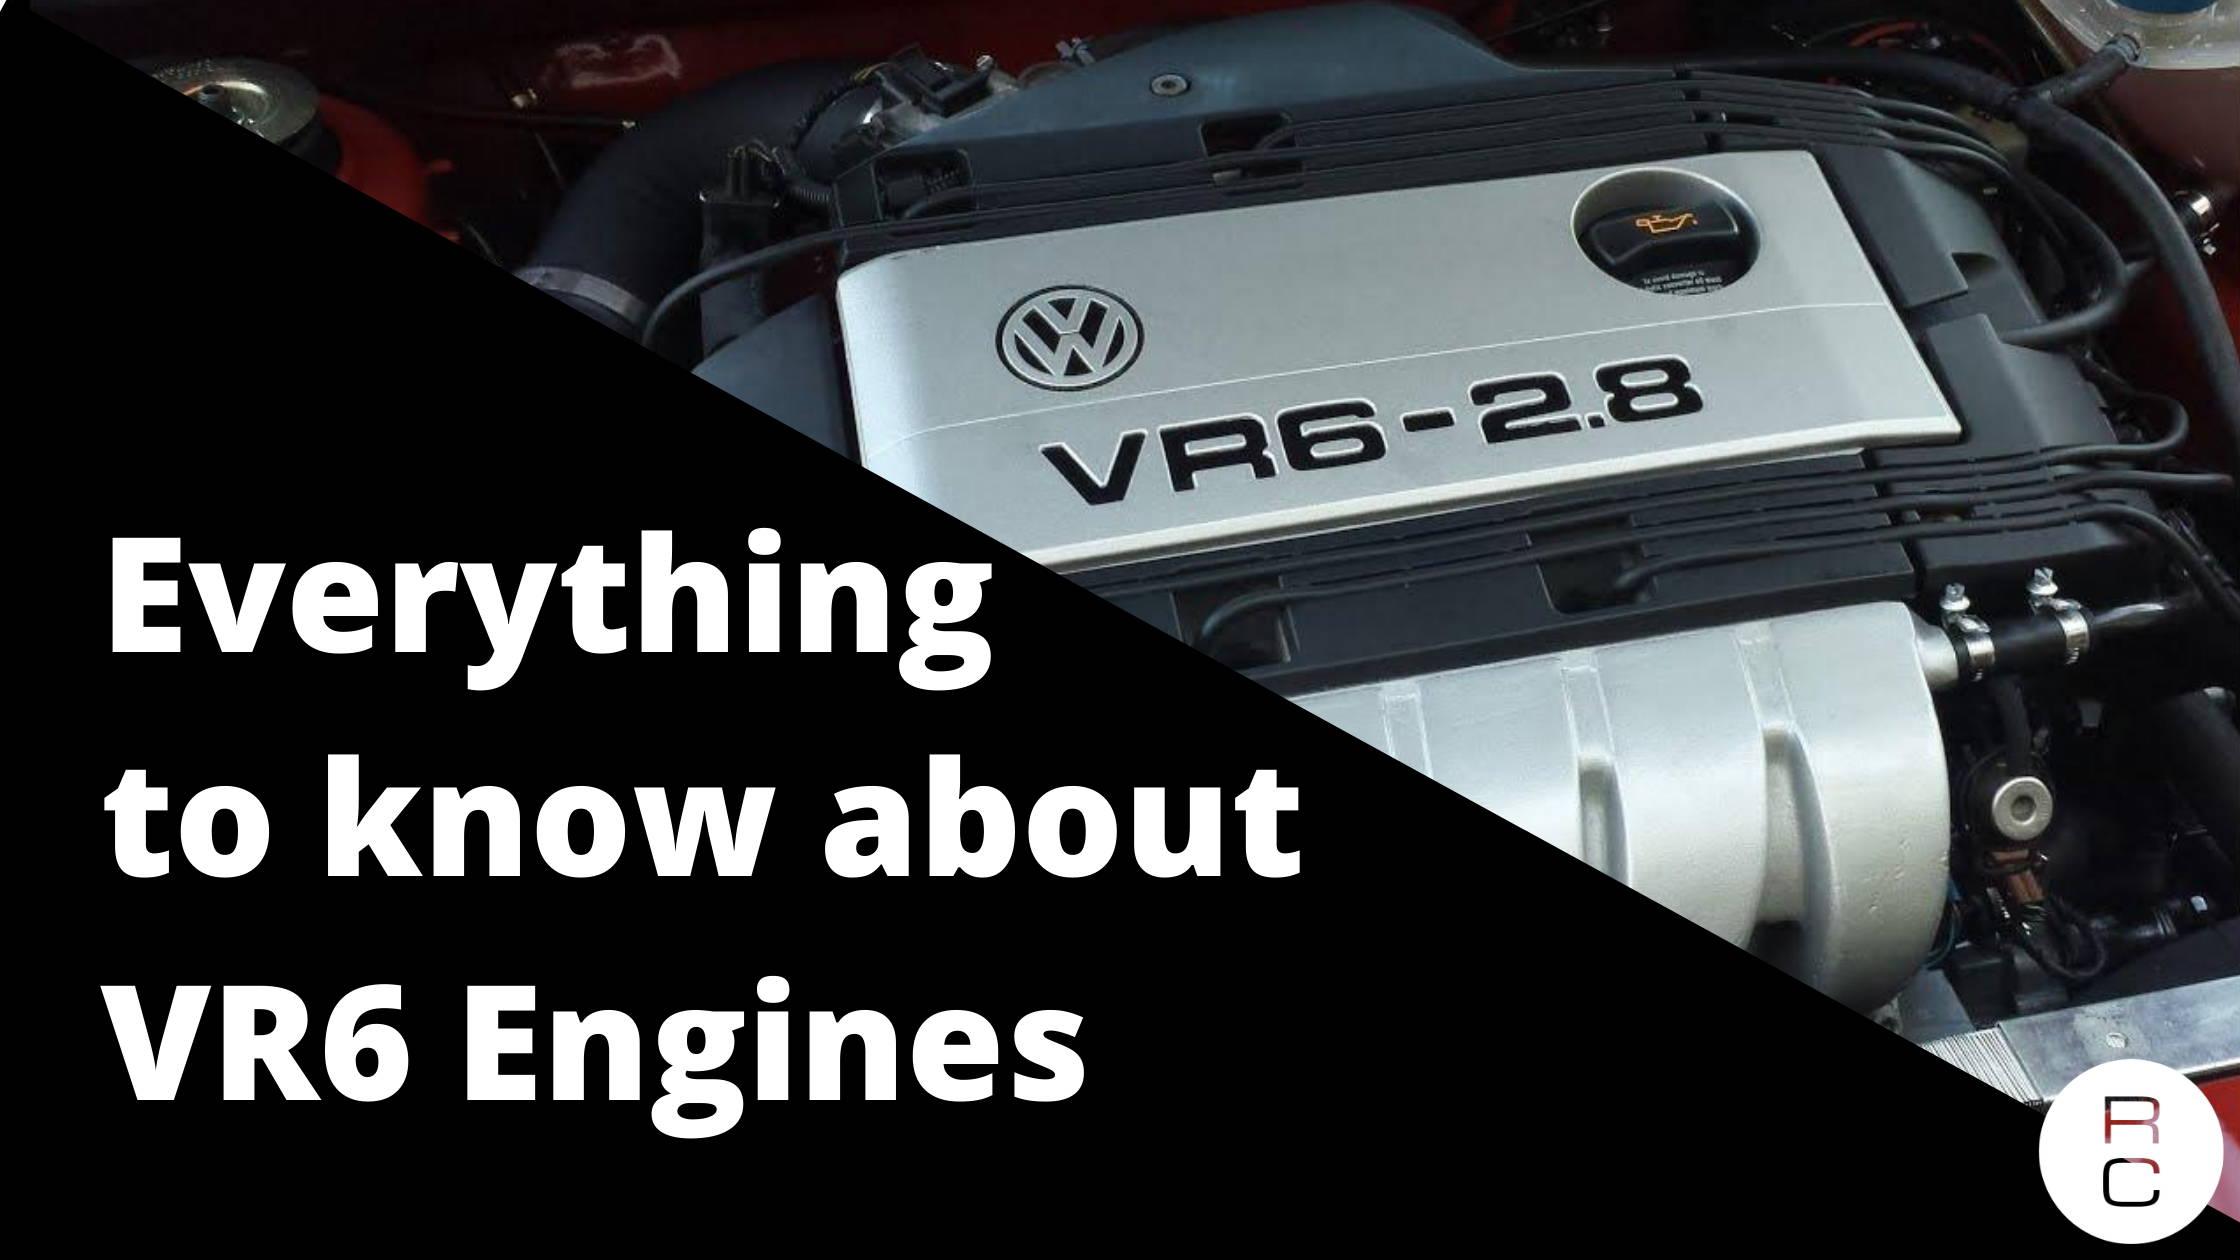 Volkswagen VR6